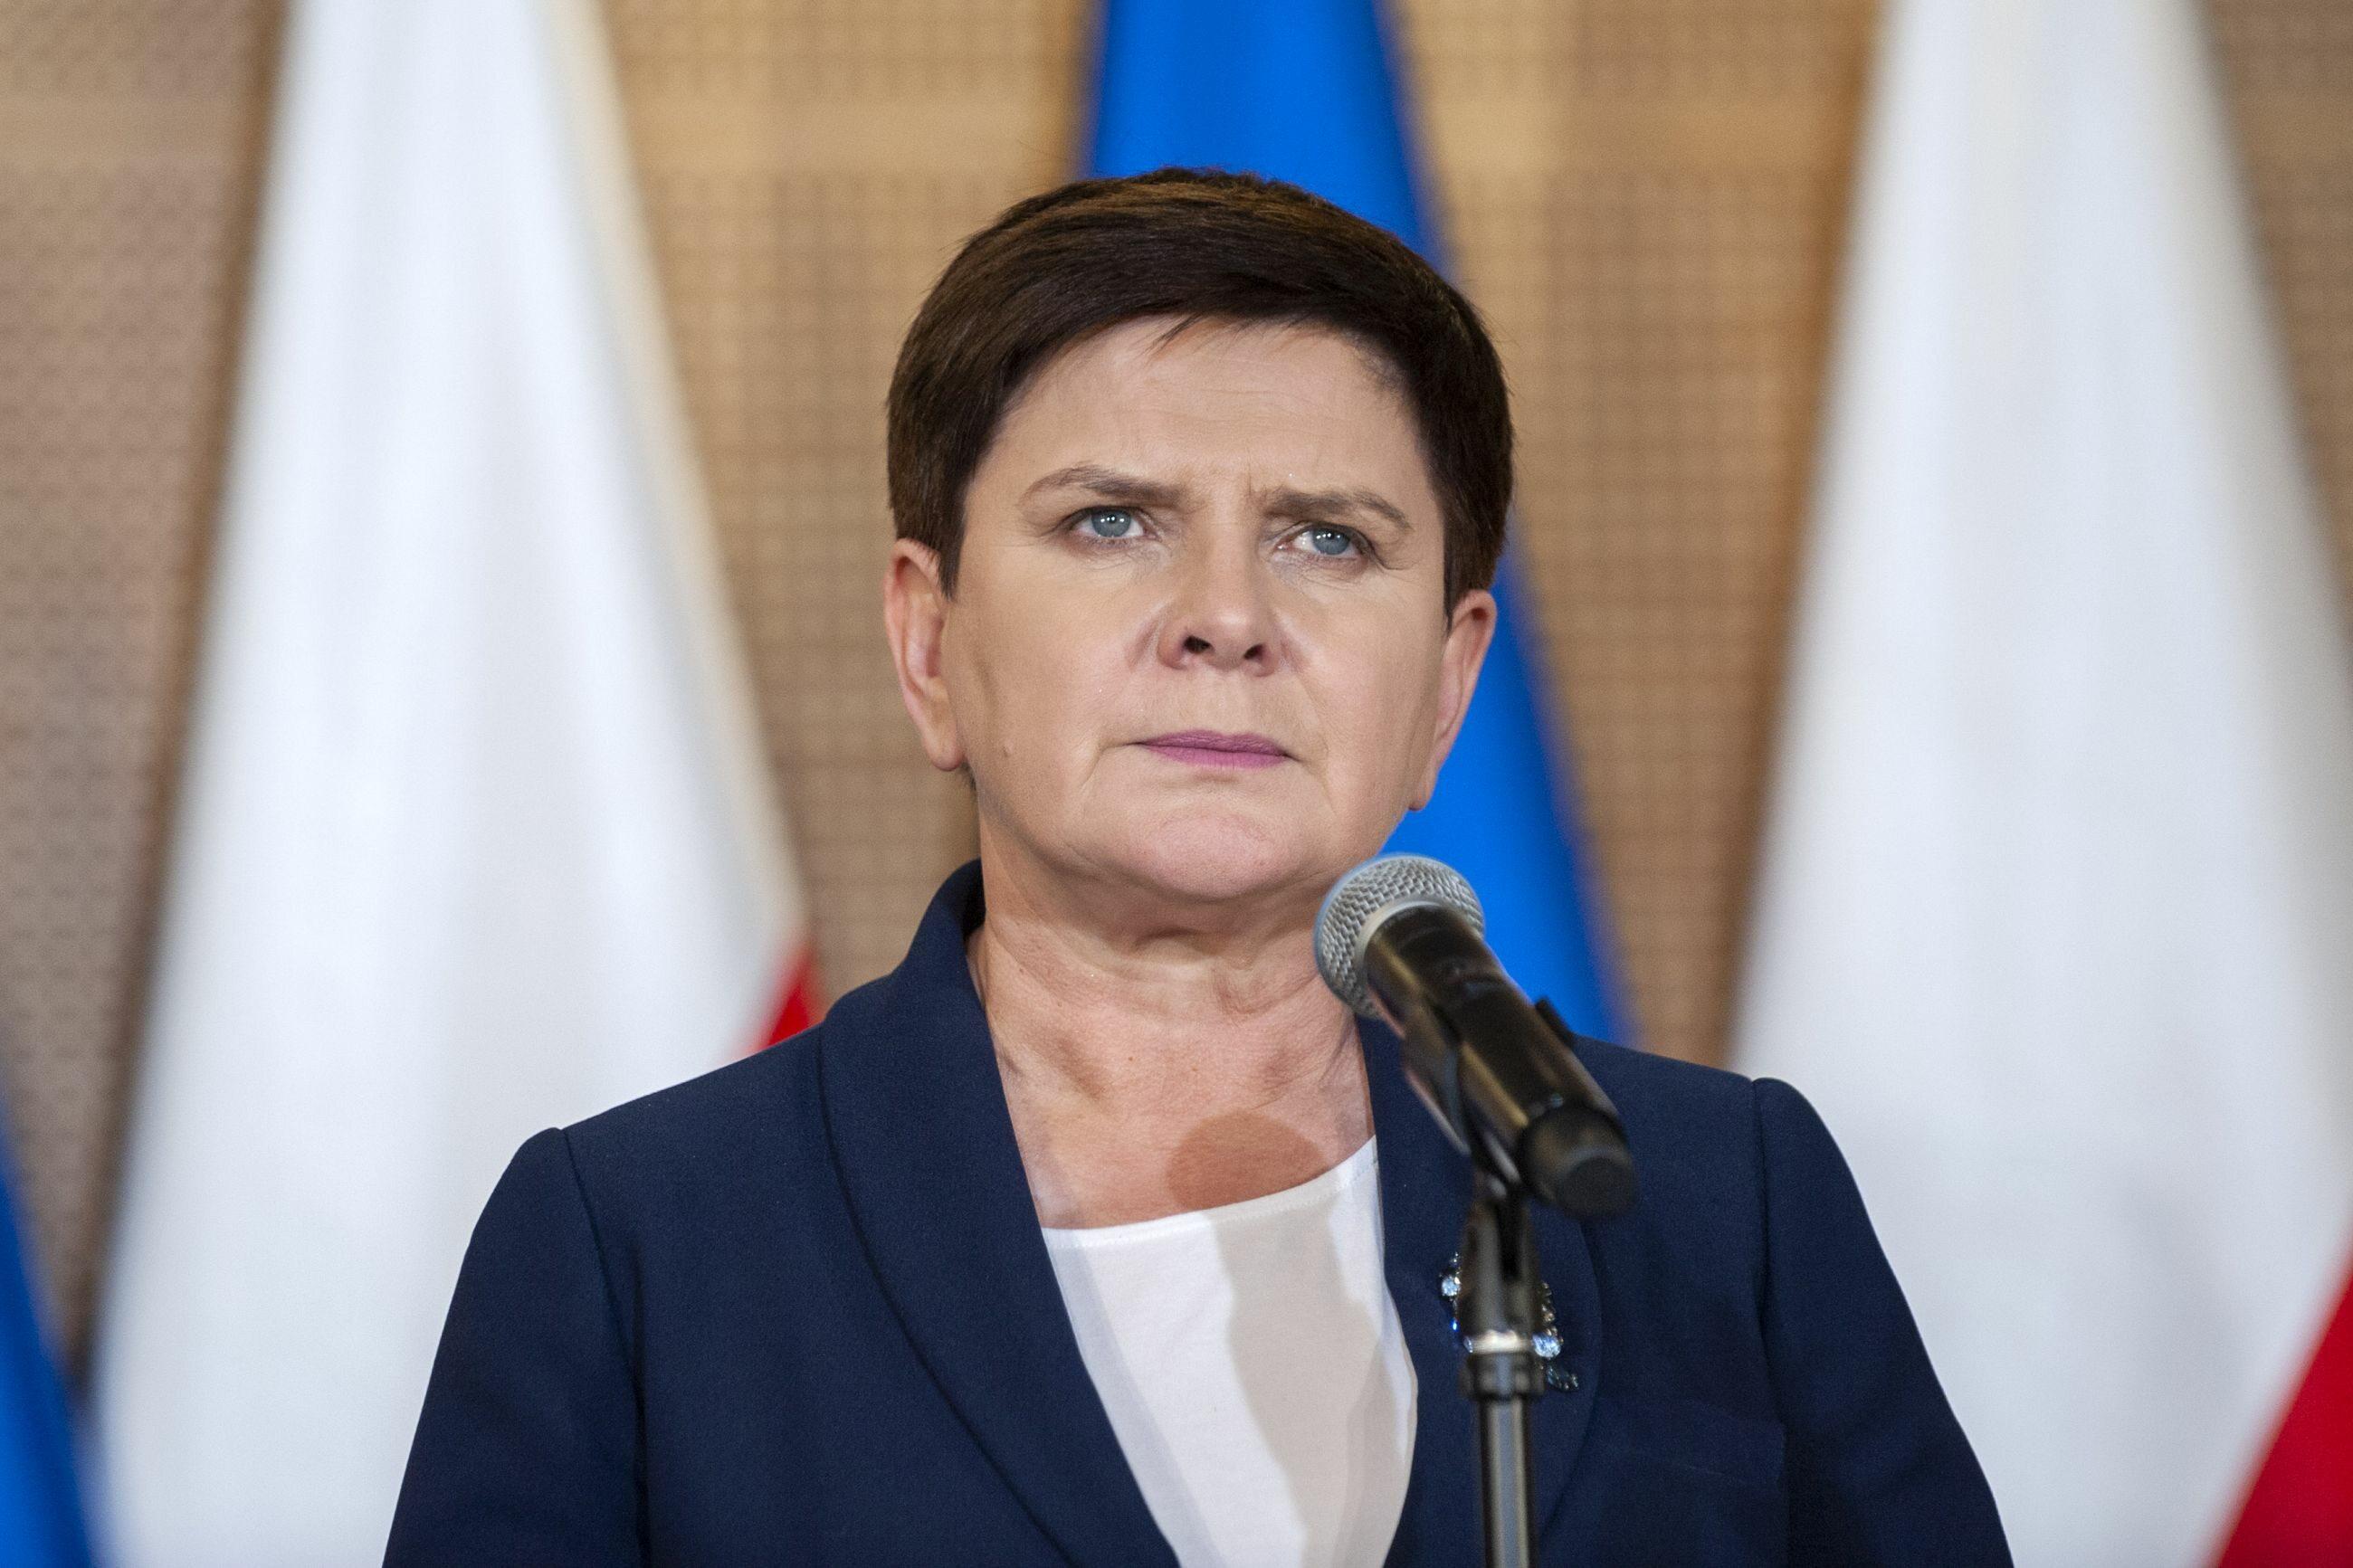 Spośród wszystkich kandydatów ubiegających się o miejsce w europarlamencie, Beata Szydło uzyskała najwięcej głosów. Na byłą premier głosowało ponad…